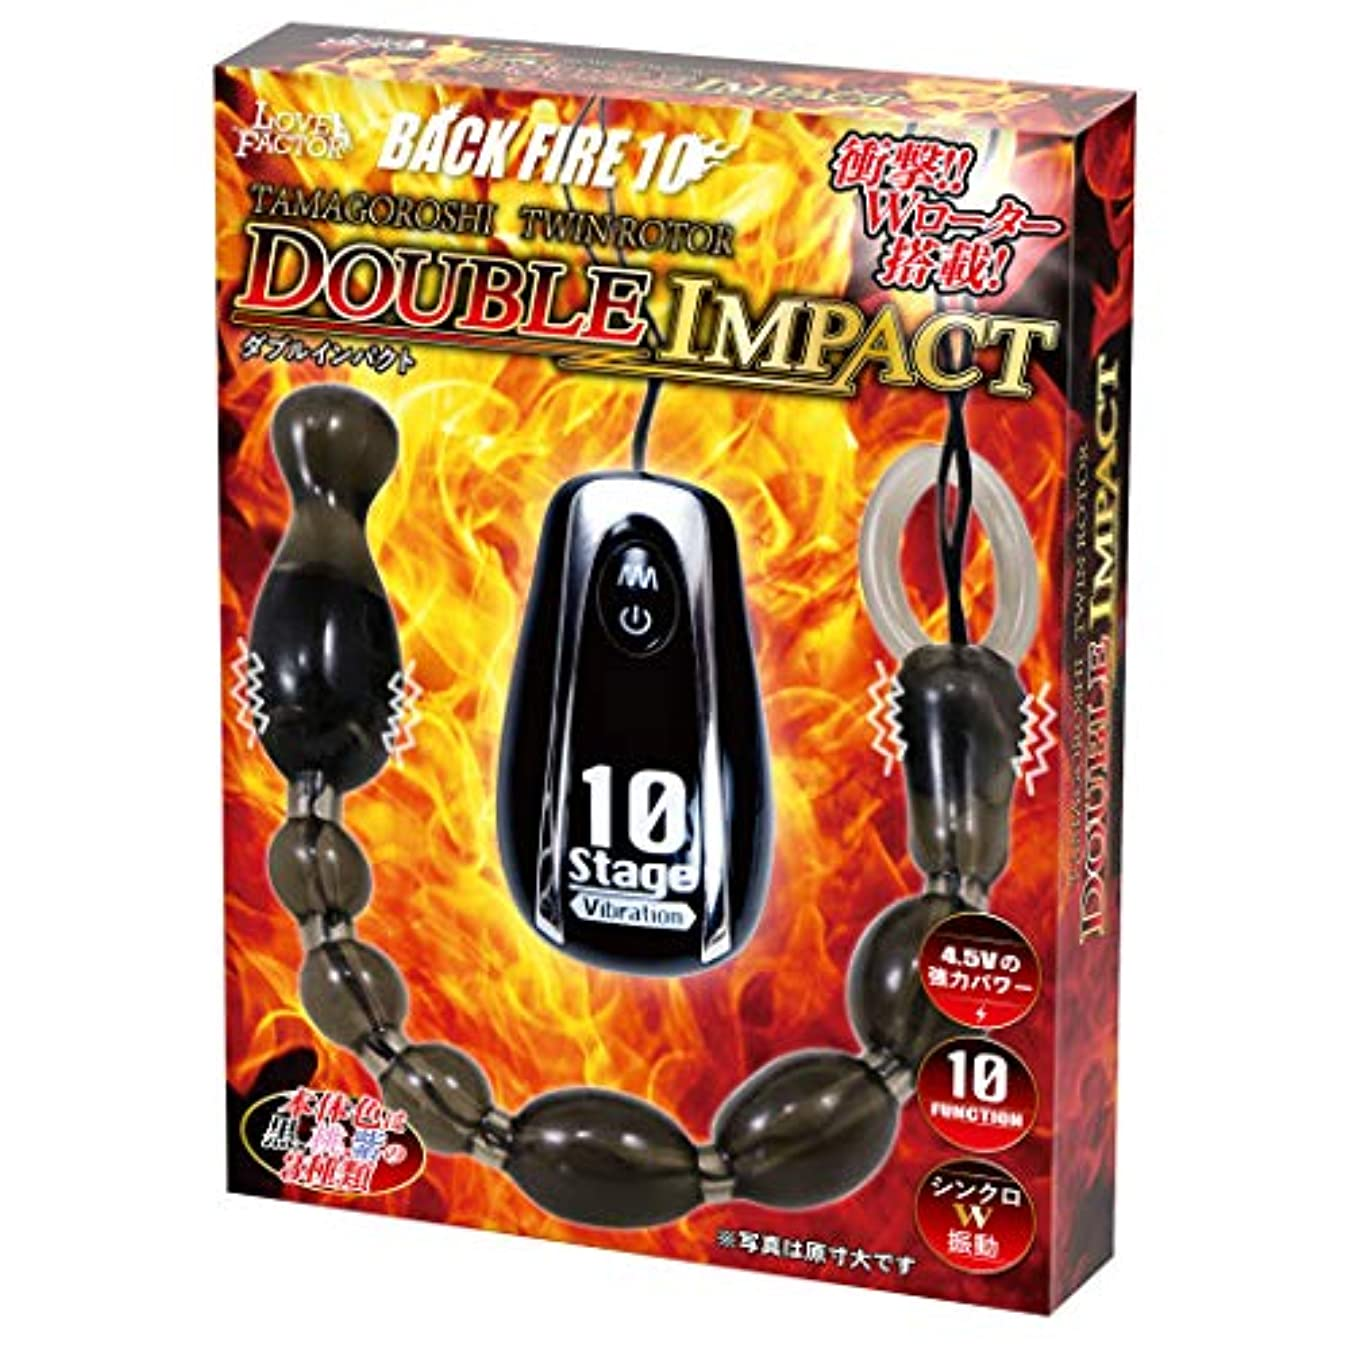 コンペ中に感染するBACK FIRE TAMAGOROSHIツインローターダブルインパクト黒 アナル拡張 アナル開発 プラグ SM調教 携帯式 野外プレー 男女兼用